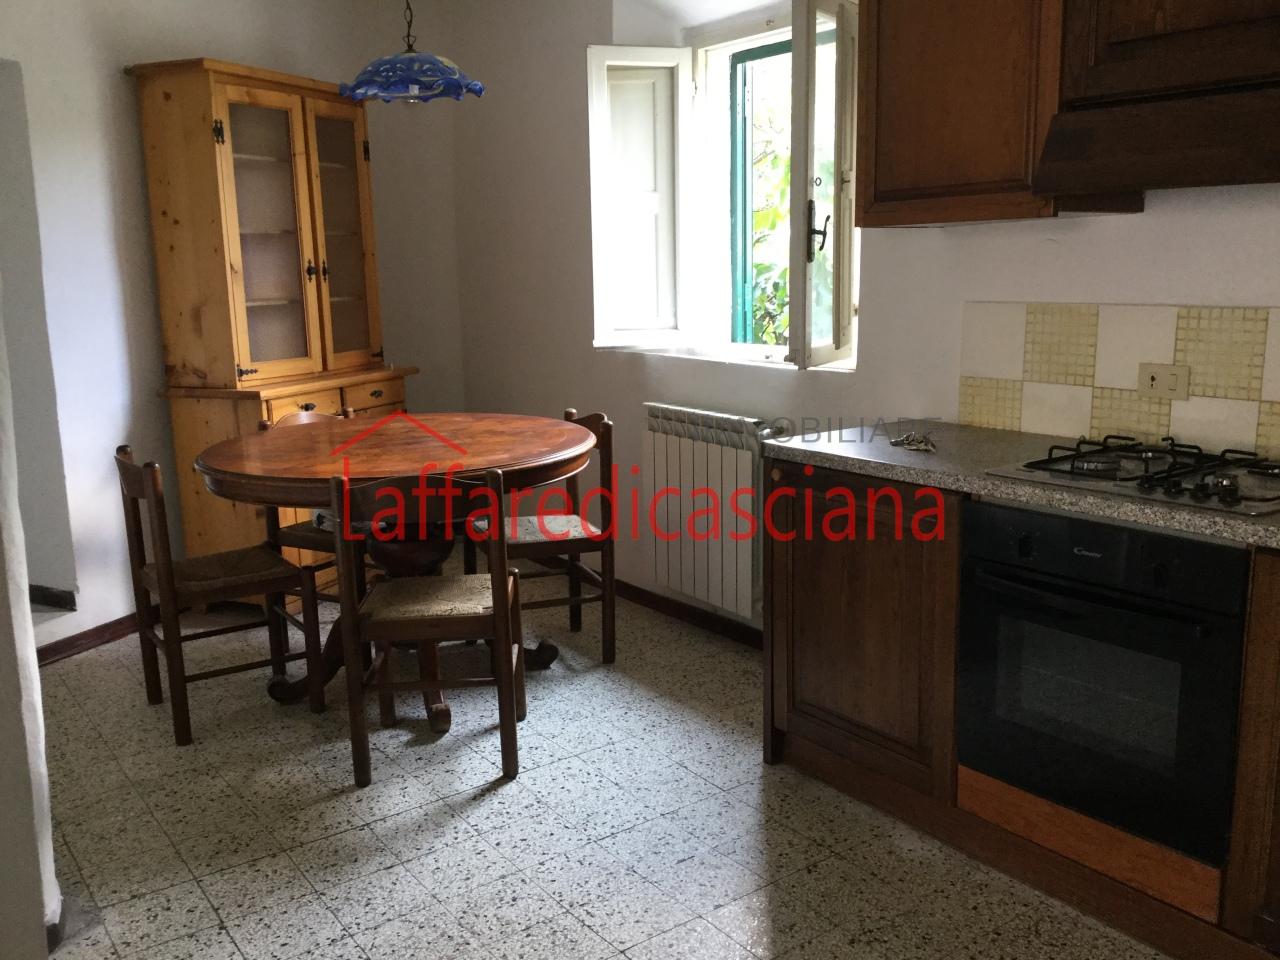 Appartamento in affitto a Casciana Terme Lari, 3 locali, prezzo € 400 | CambioCasa.it